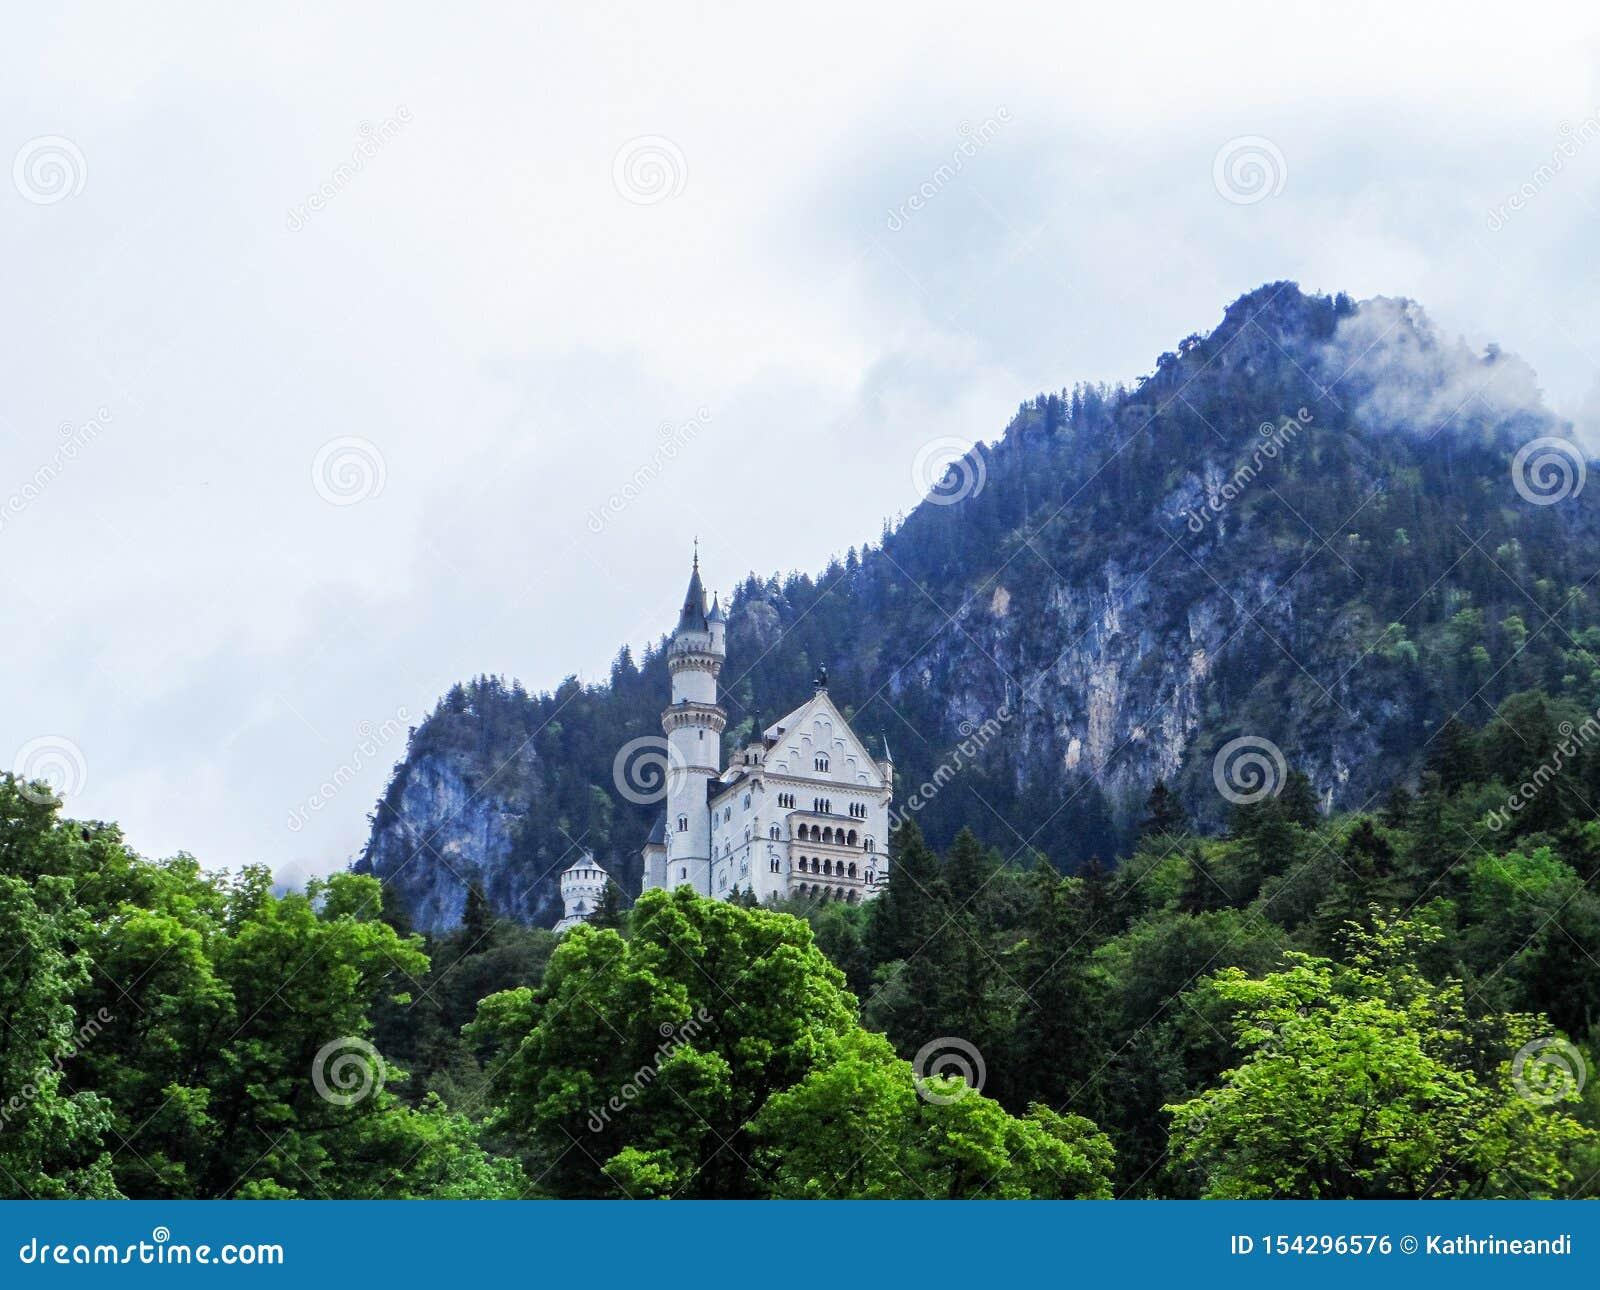 Schloss von Neuschwanstein, Deutschland Ansicht vom See mit Bäumen, Wolken und Bergen auf Hintergrund